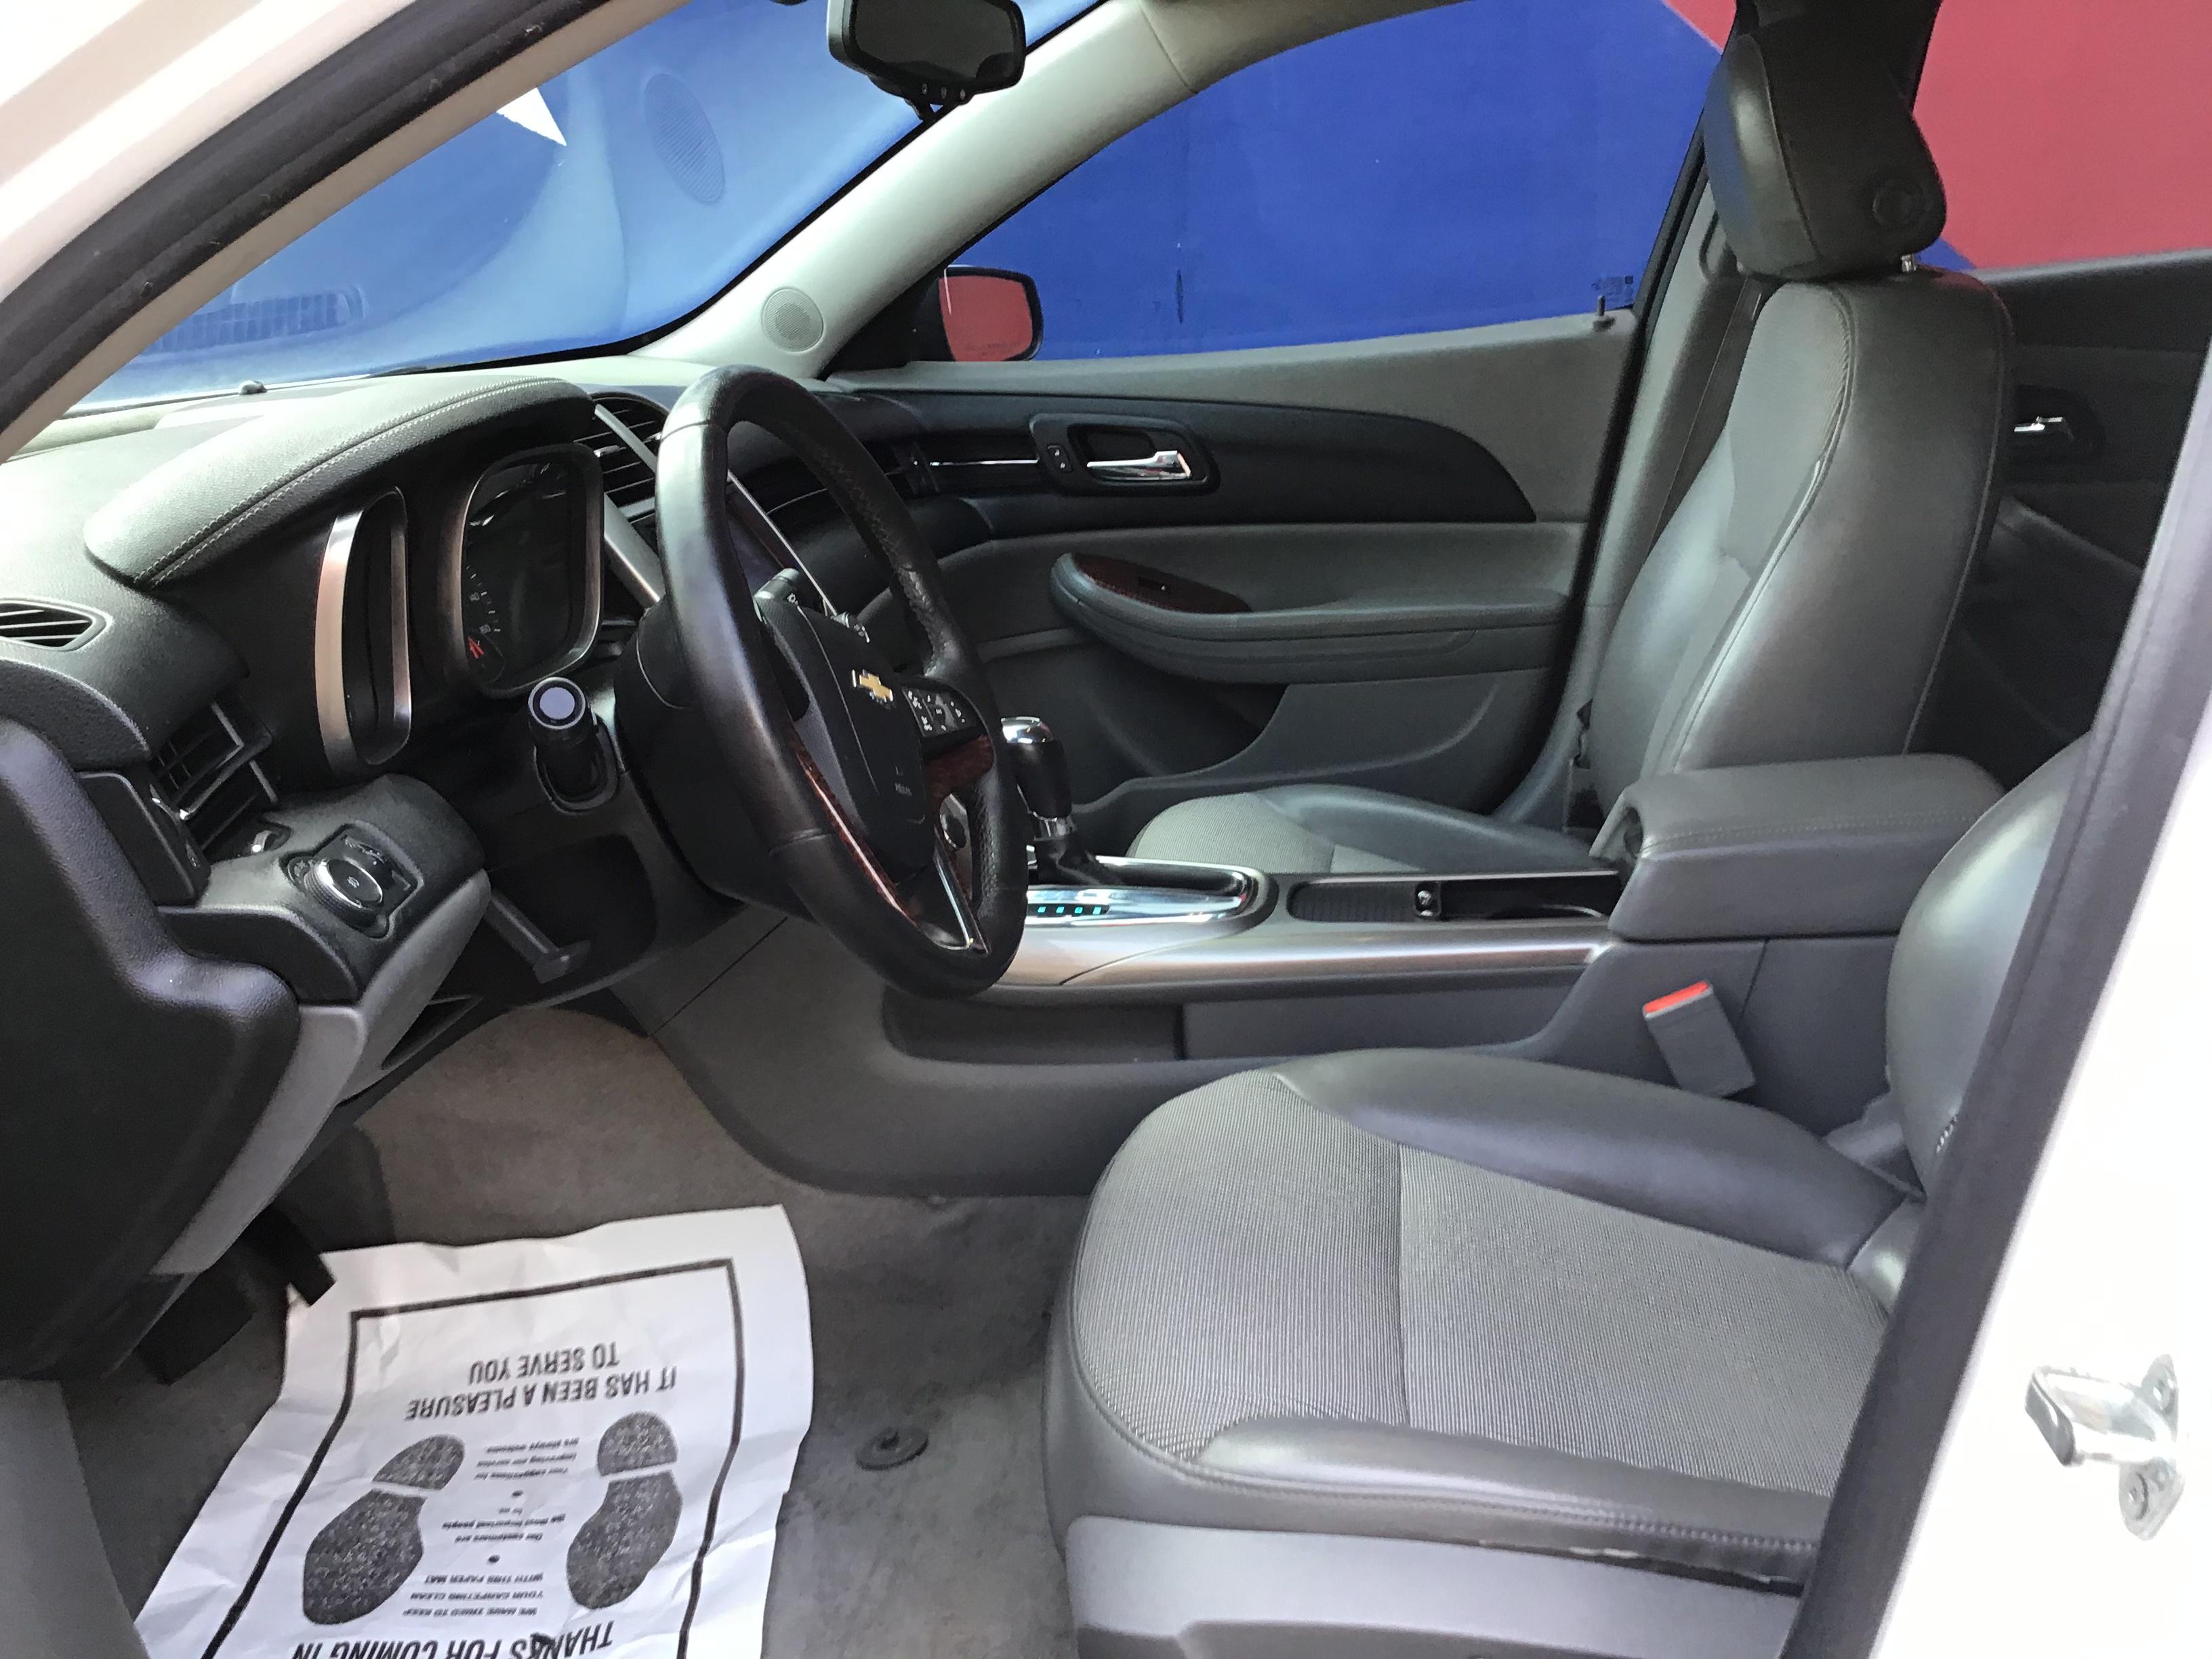 used vehicle - Sedan CHEVROLET MALIBU 2013